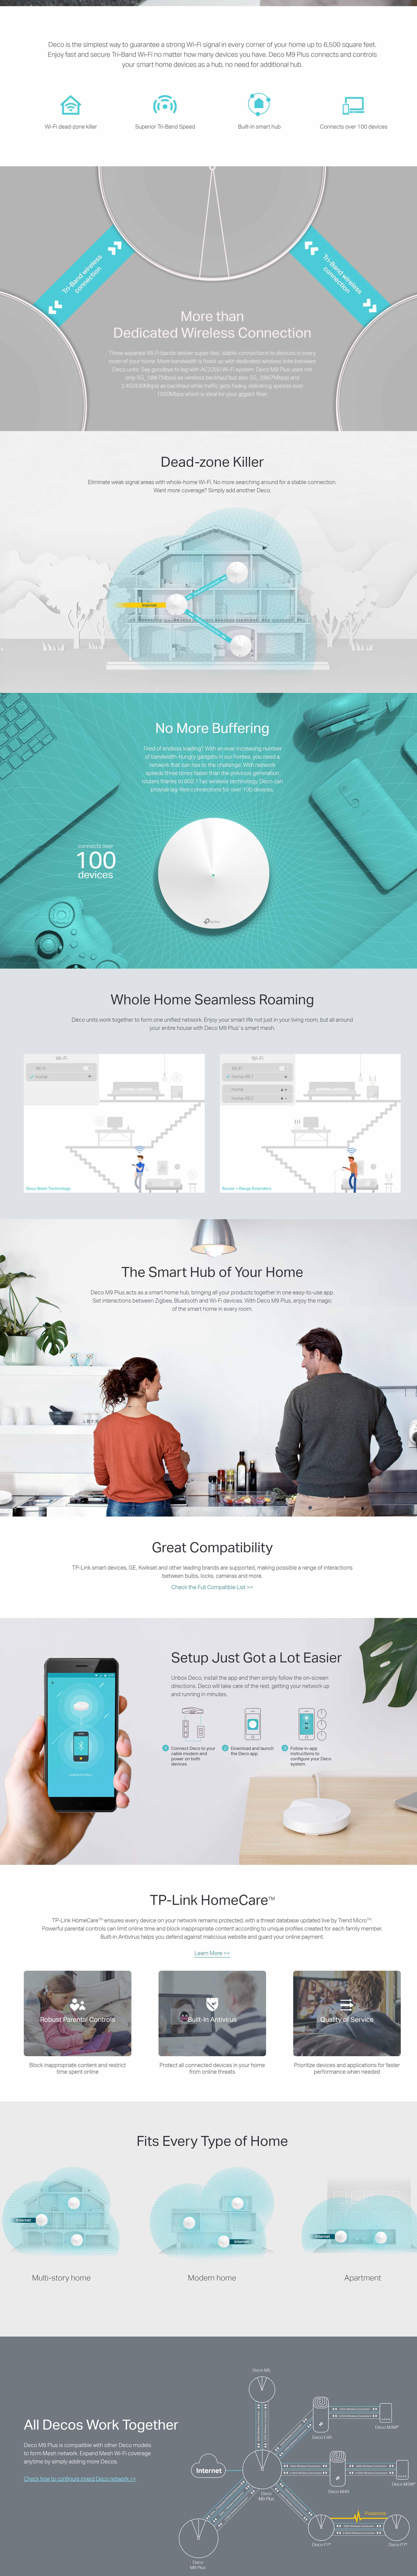 screencapture-tp-link-au-home-networking-deco-deco-m9-plus-3-pack-2019-12-23-15_02_06.jpg